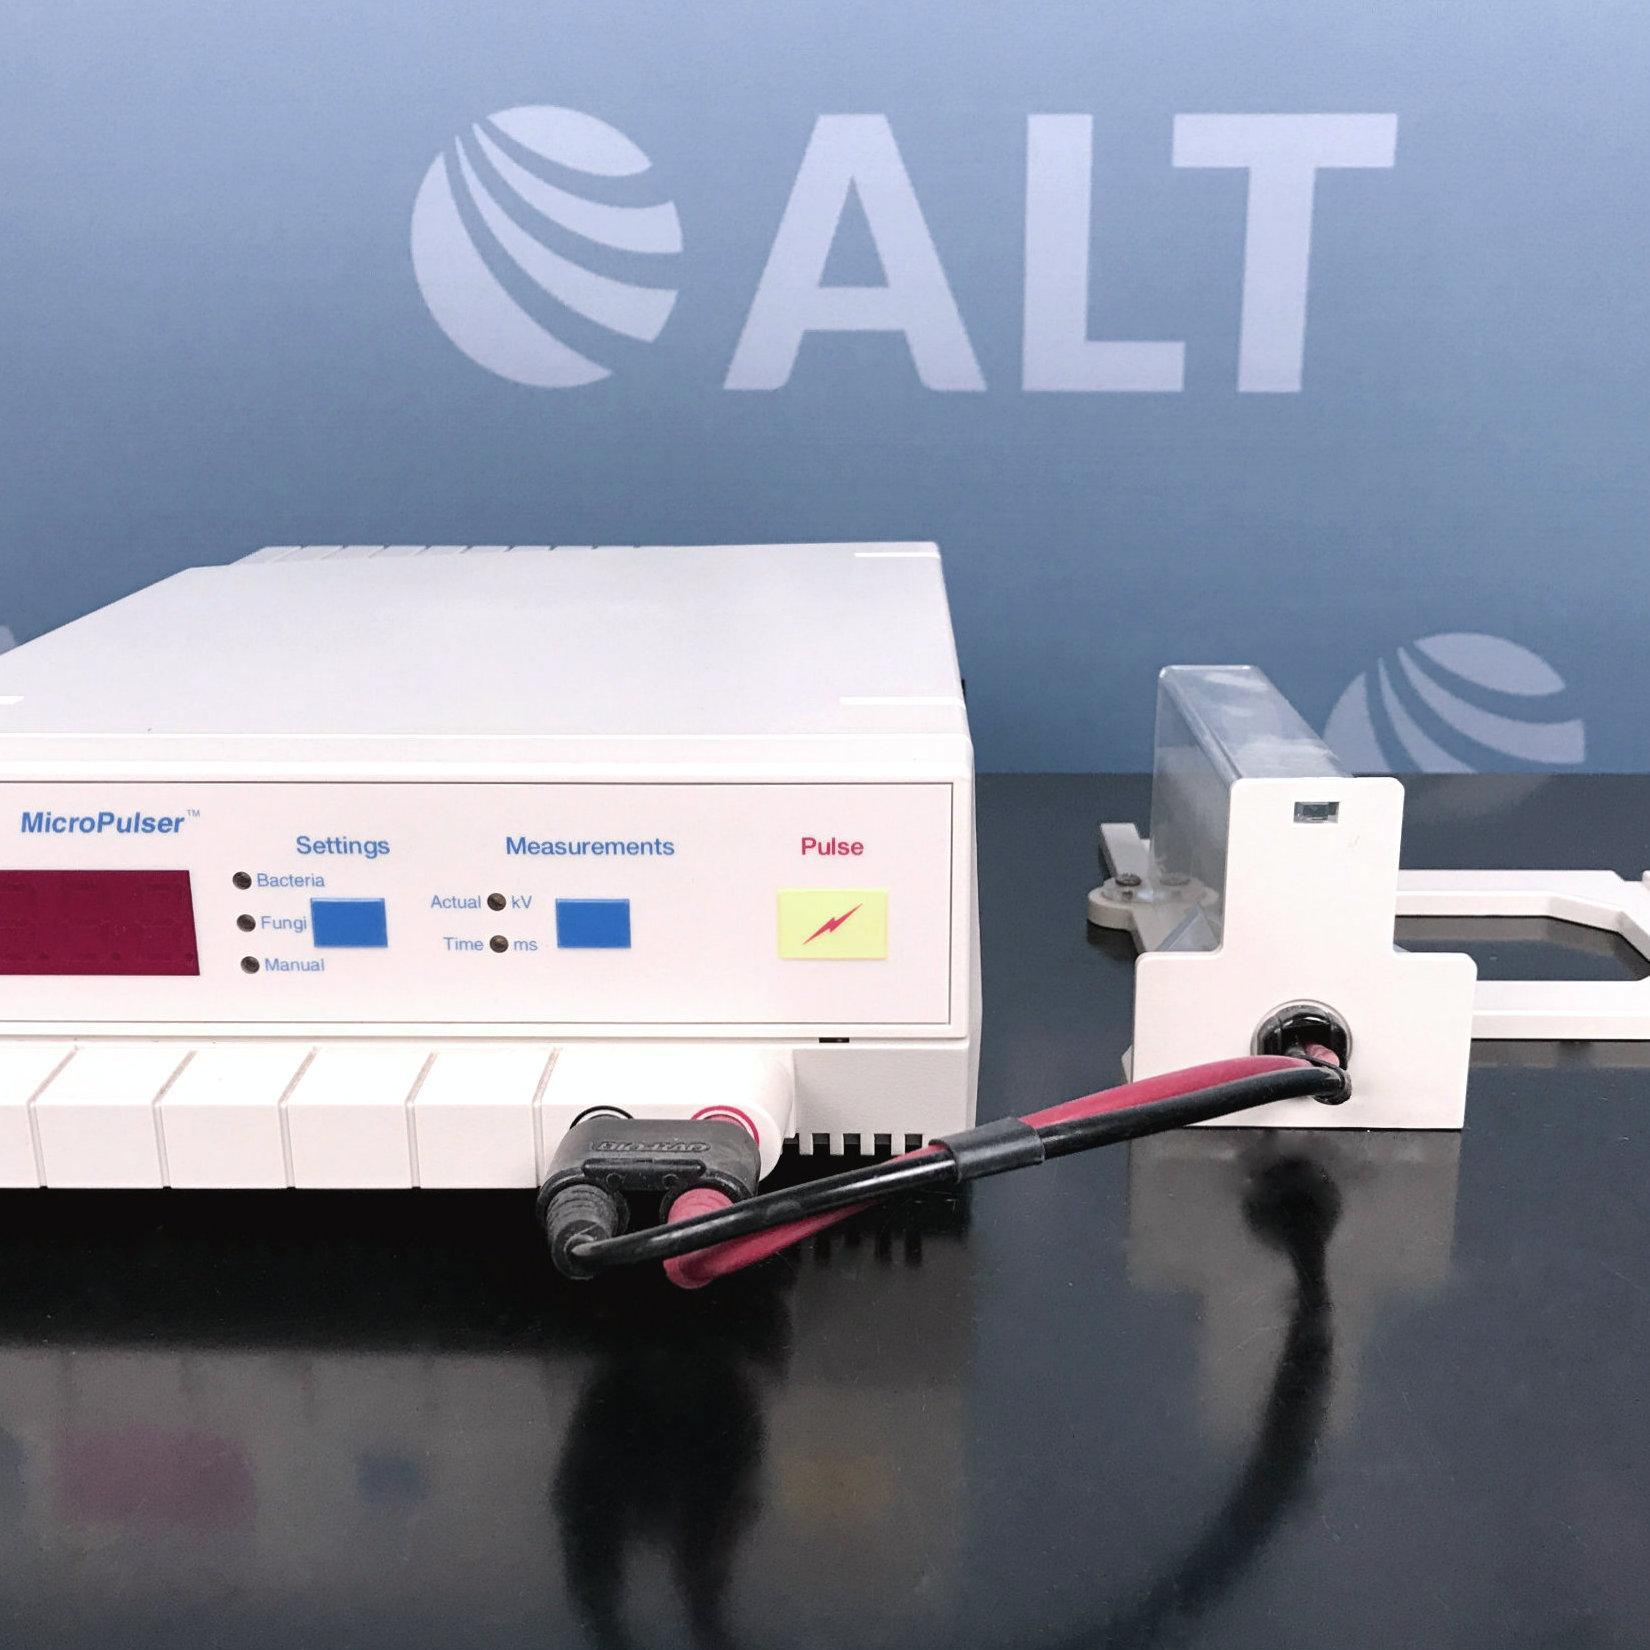 Bio-Rad MicroPulser Electroporator Image